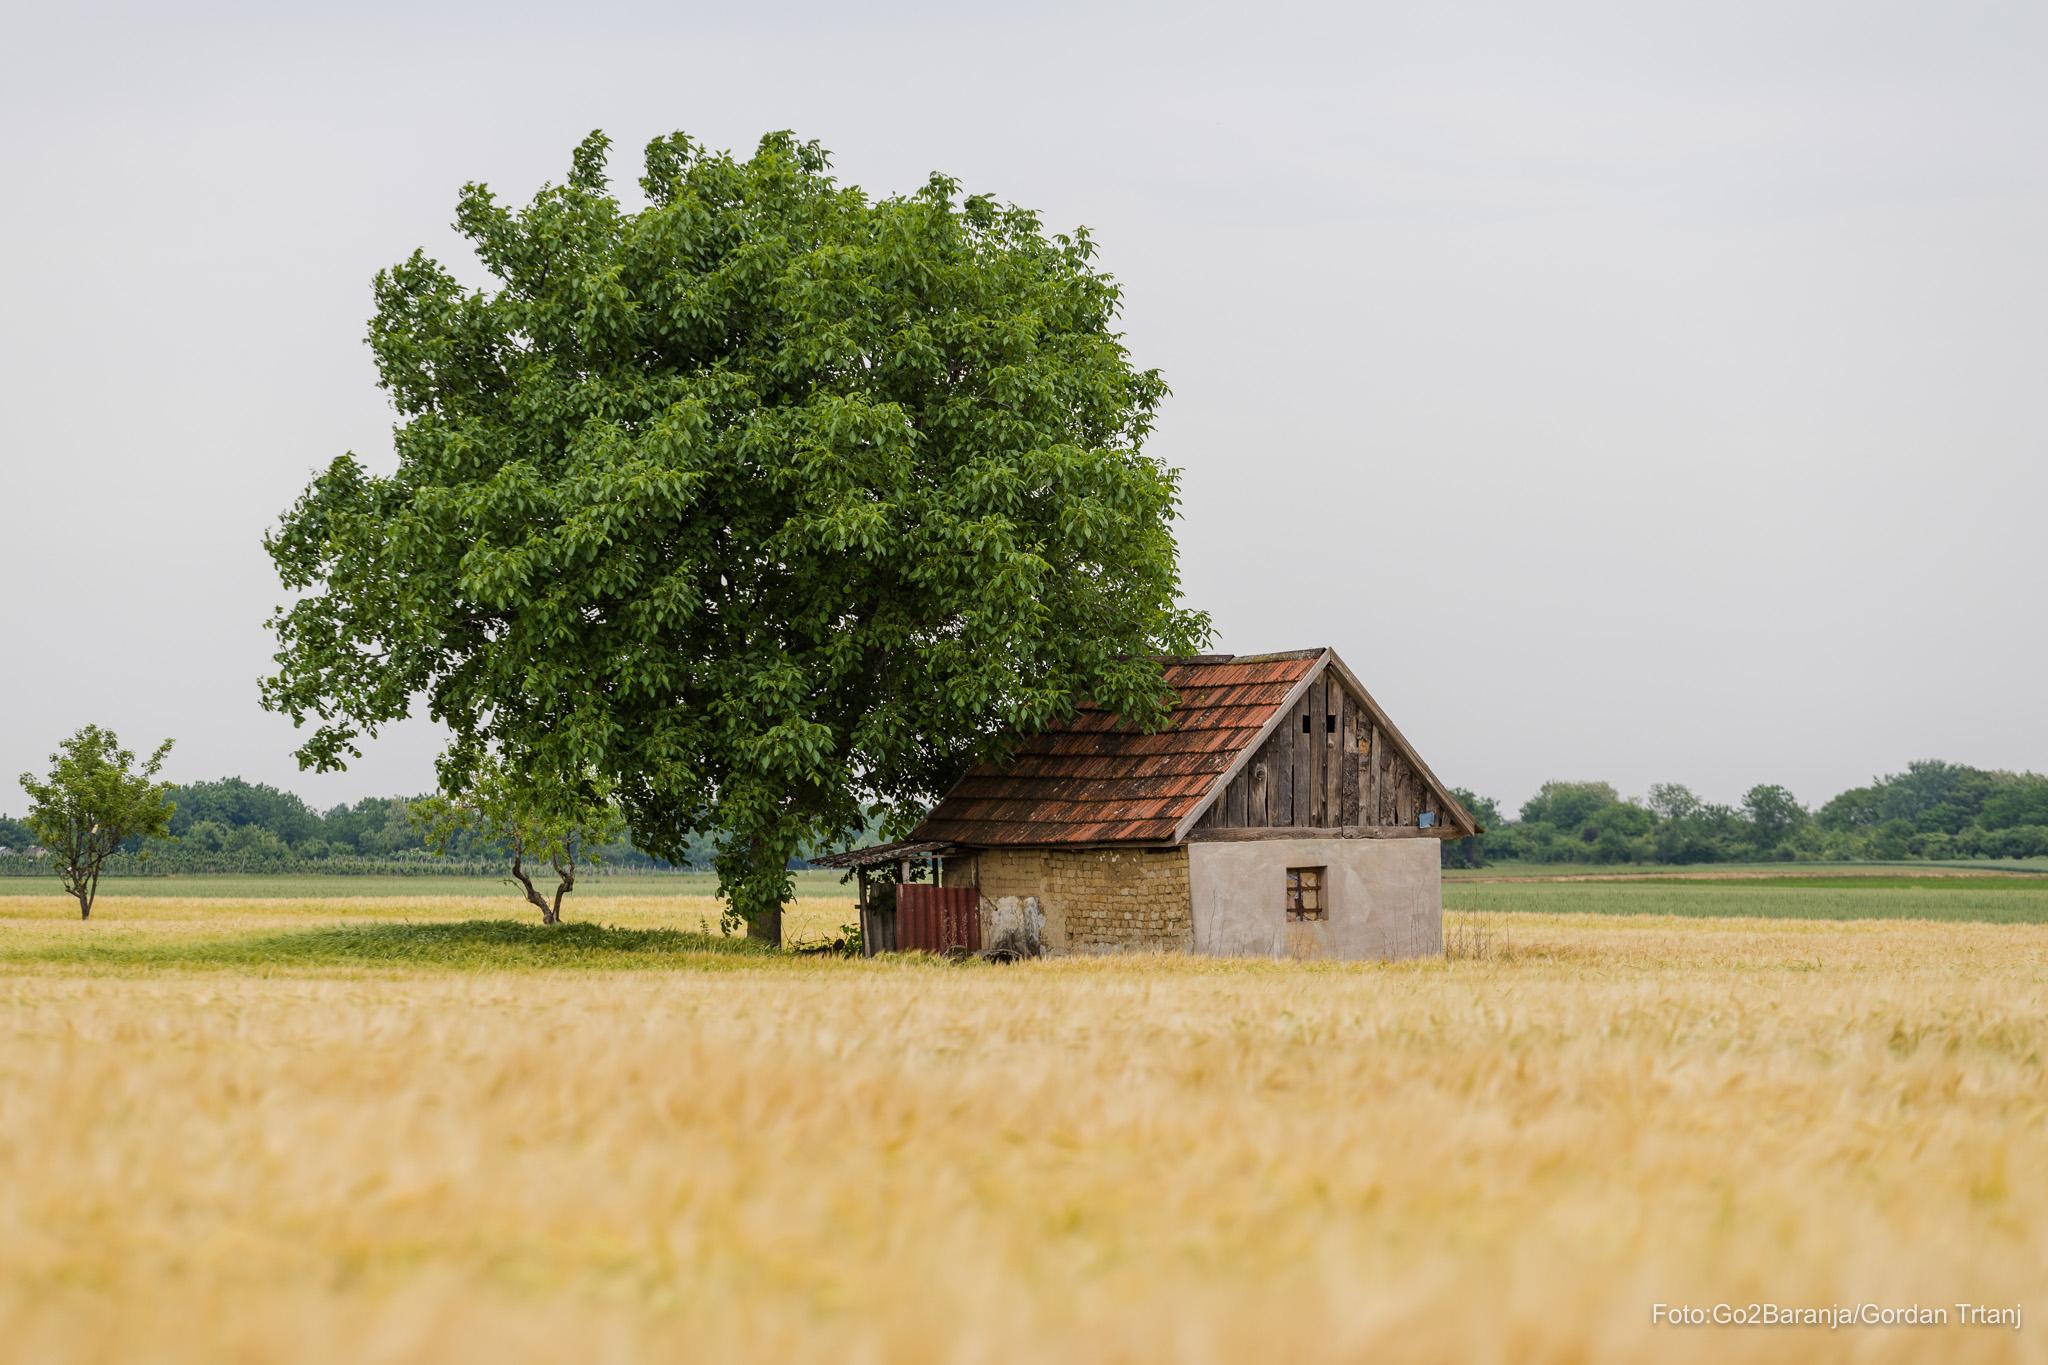 Je li ovo najljepši dio kontinentalne Hrvatske? Pogledajte prizore od kojih zastaje dah